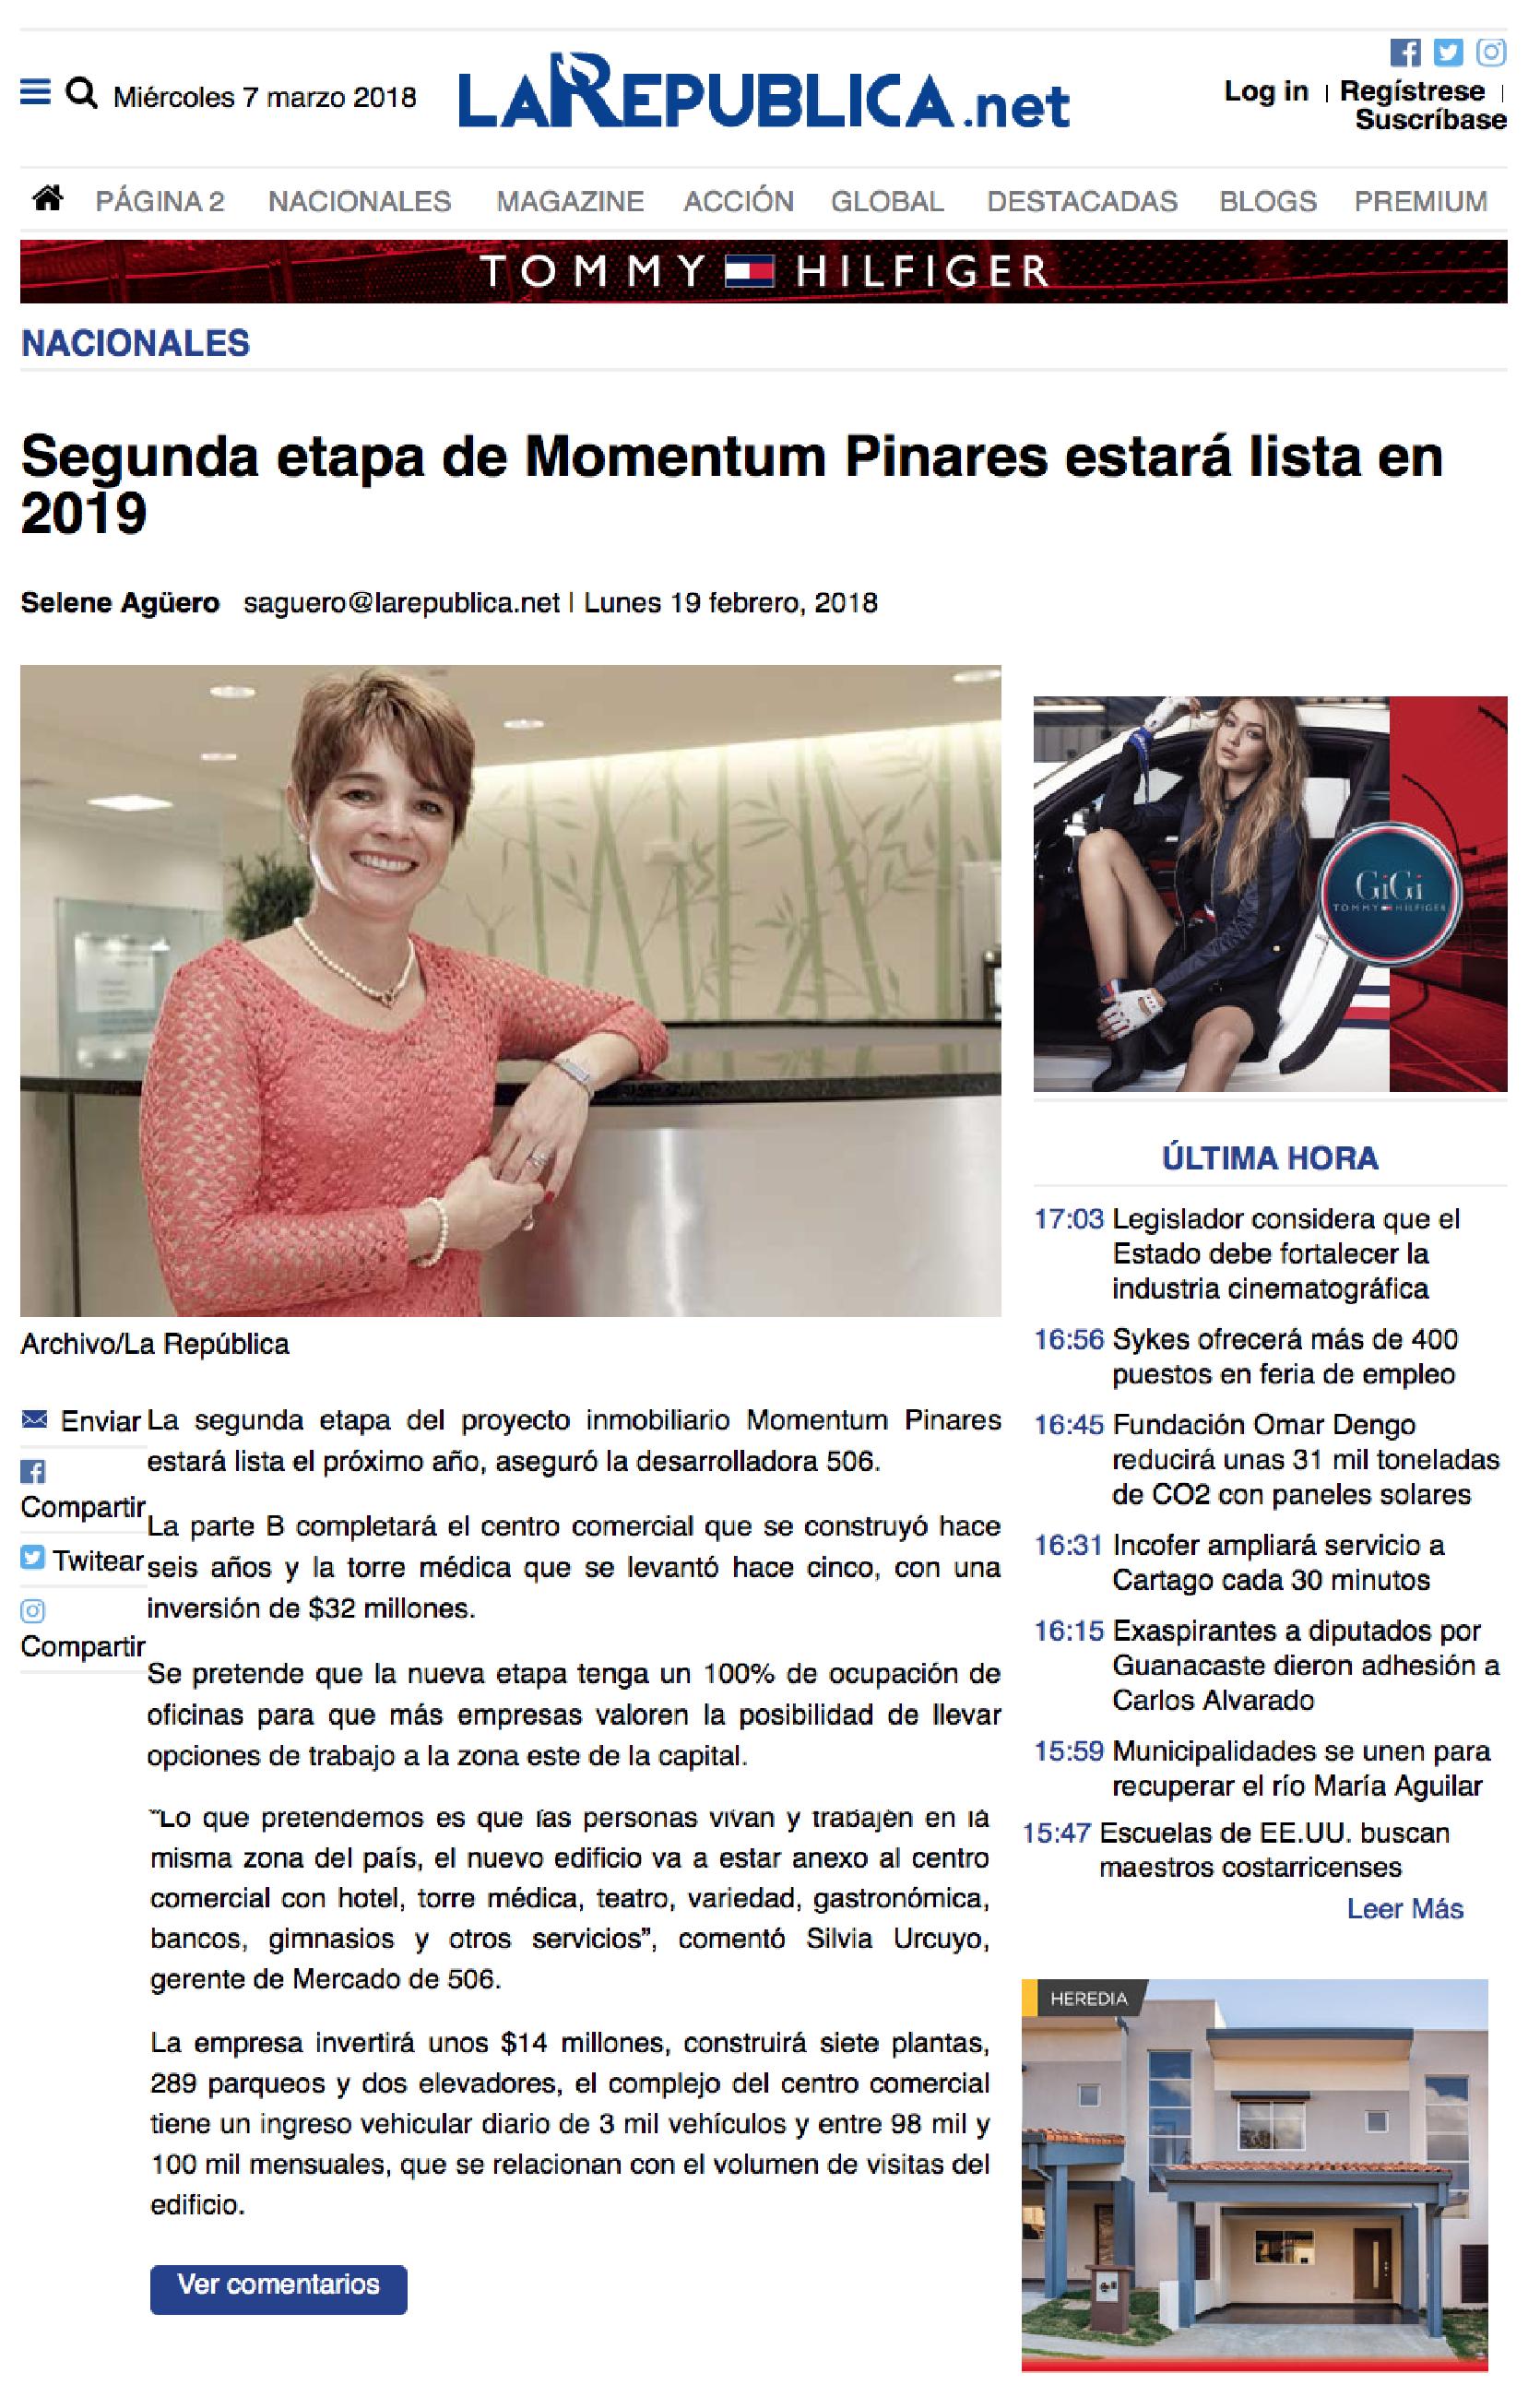 La Republica 2 WEB-01.png